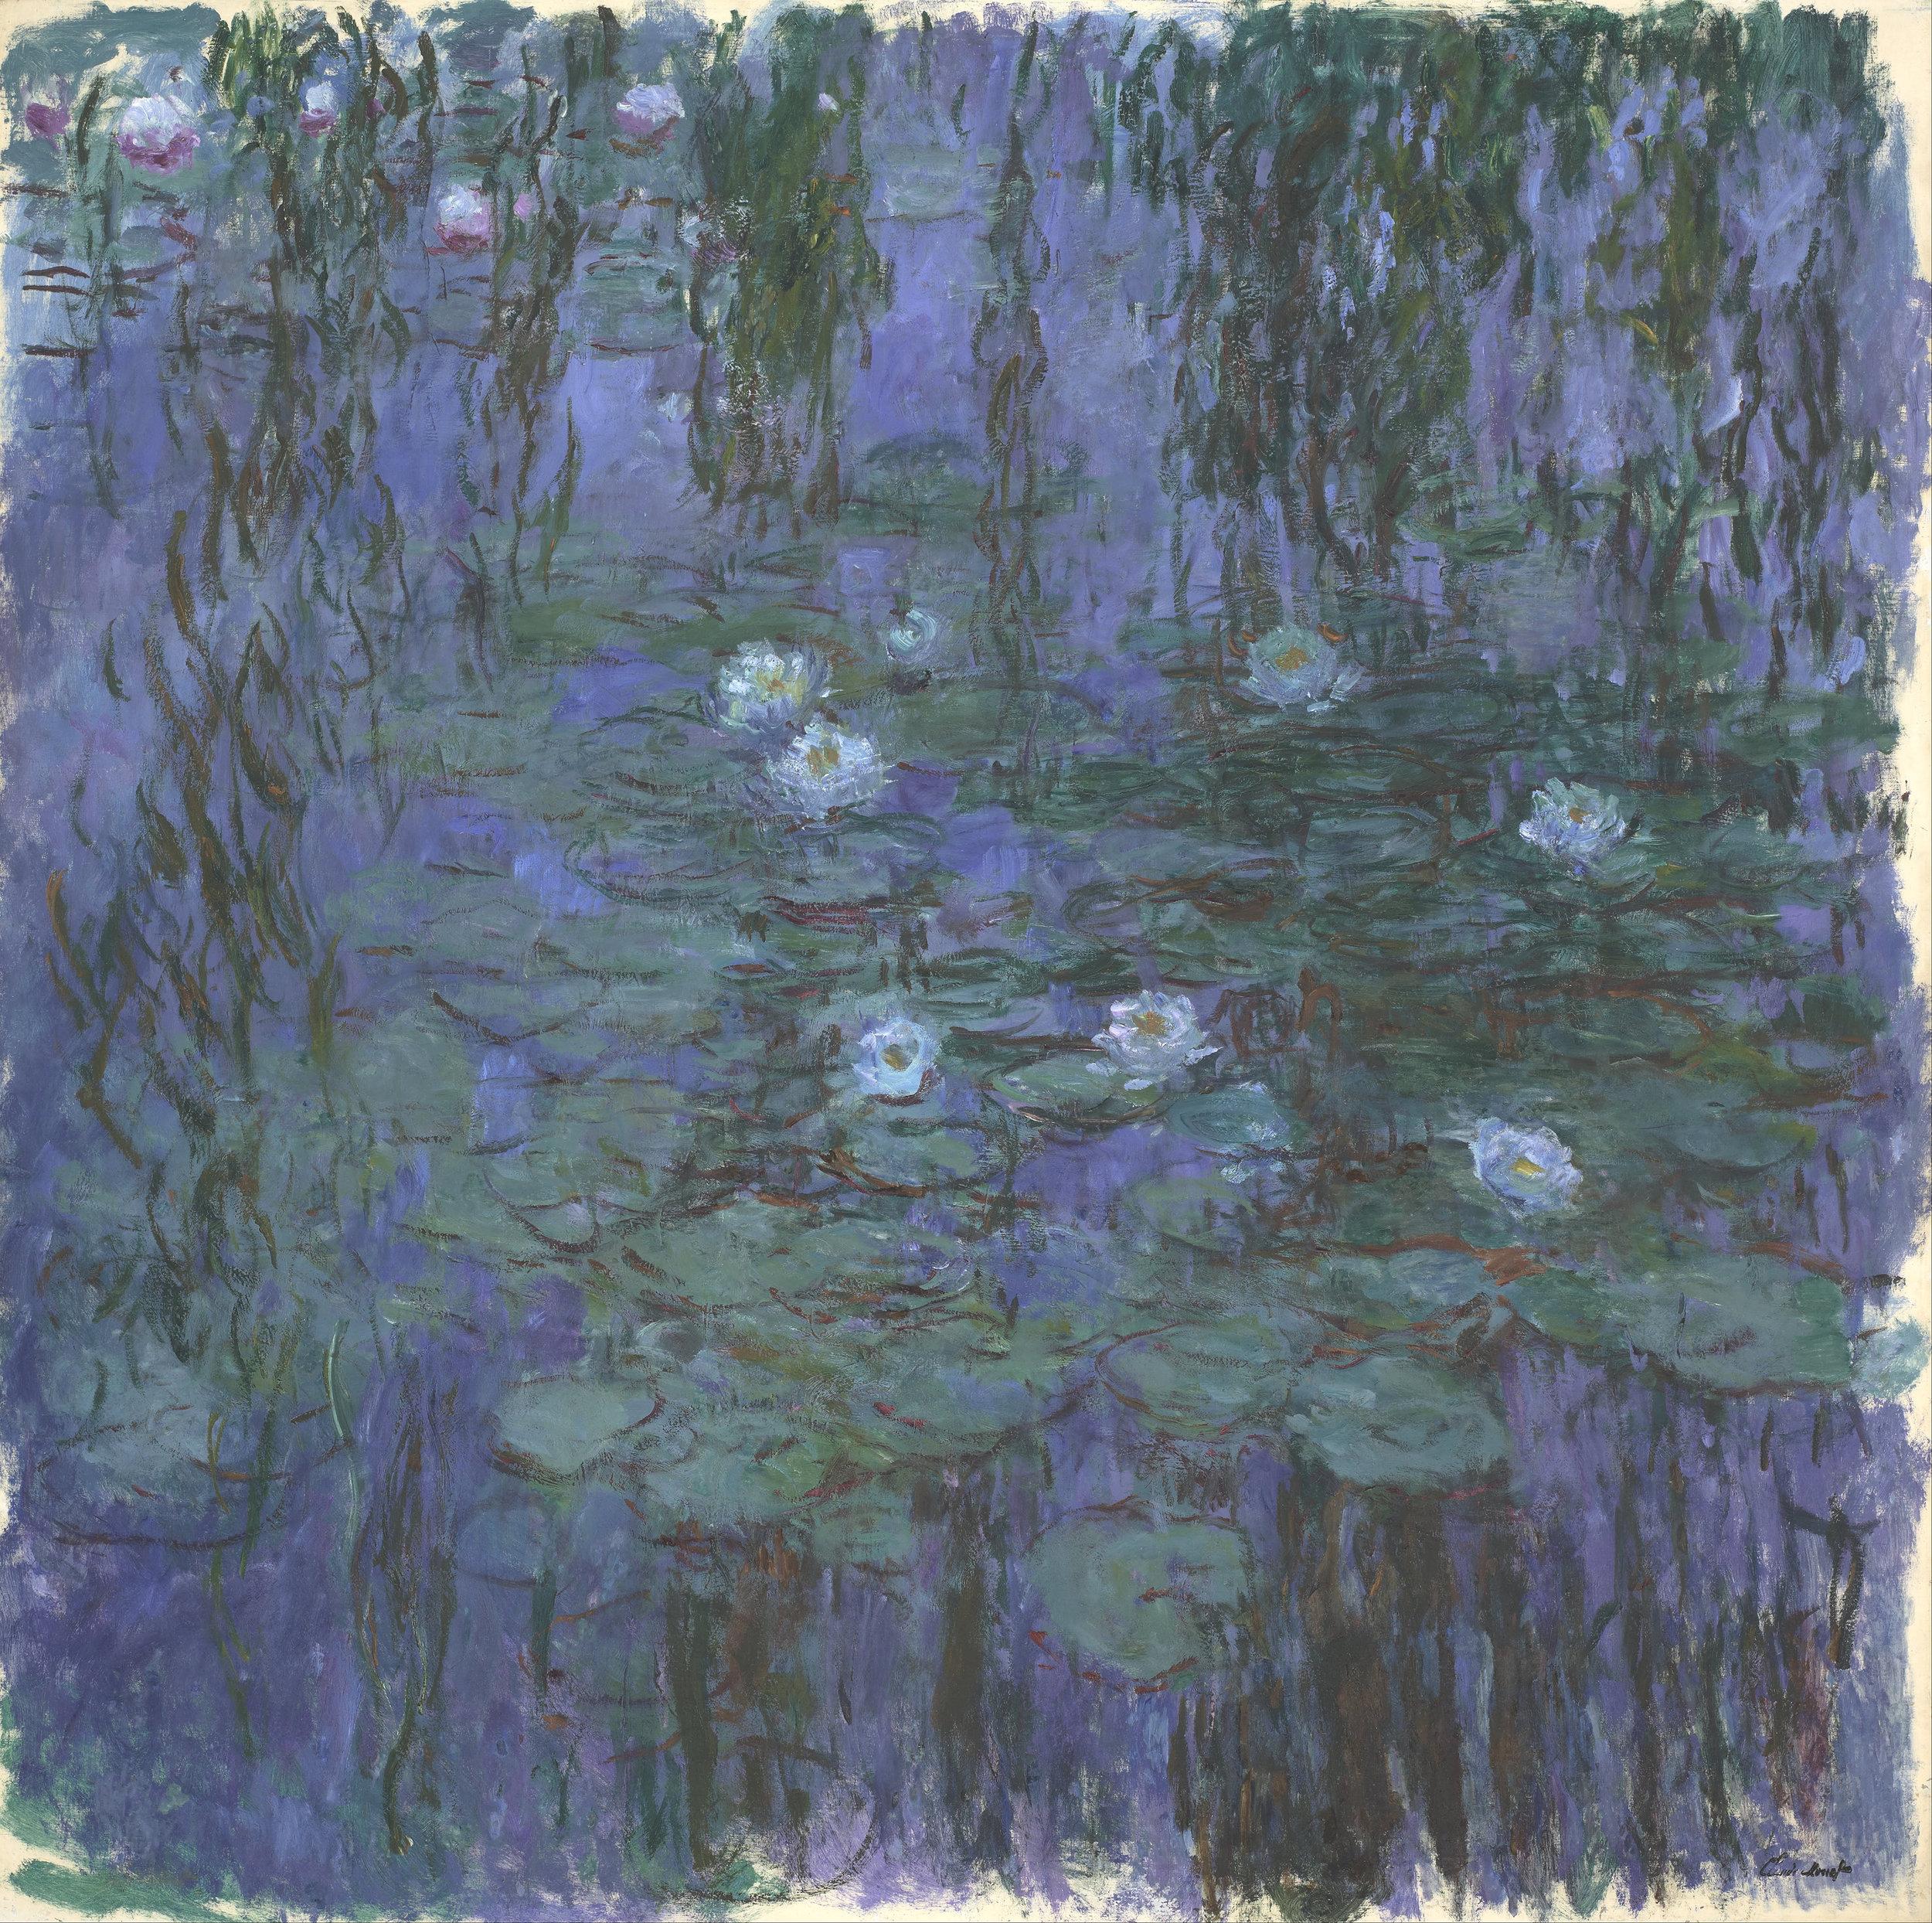 Claude Monet,  Blue Water Lilies (Nymphéas bleus),  Musée d'Orsay